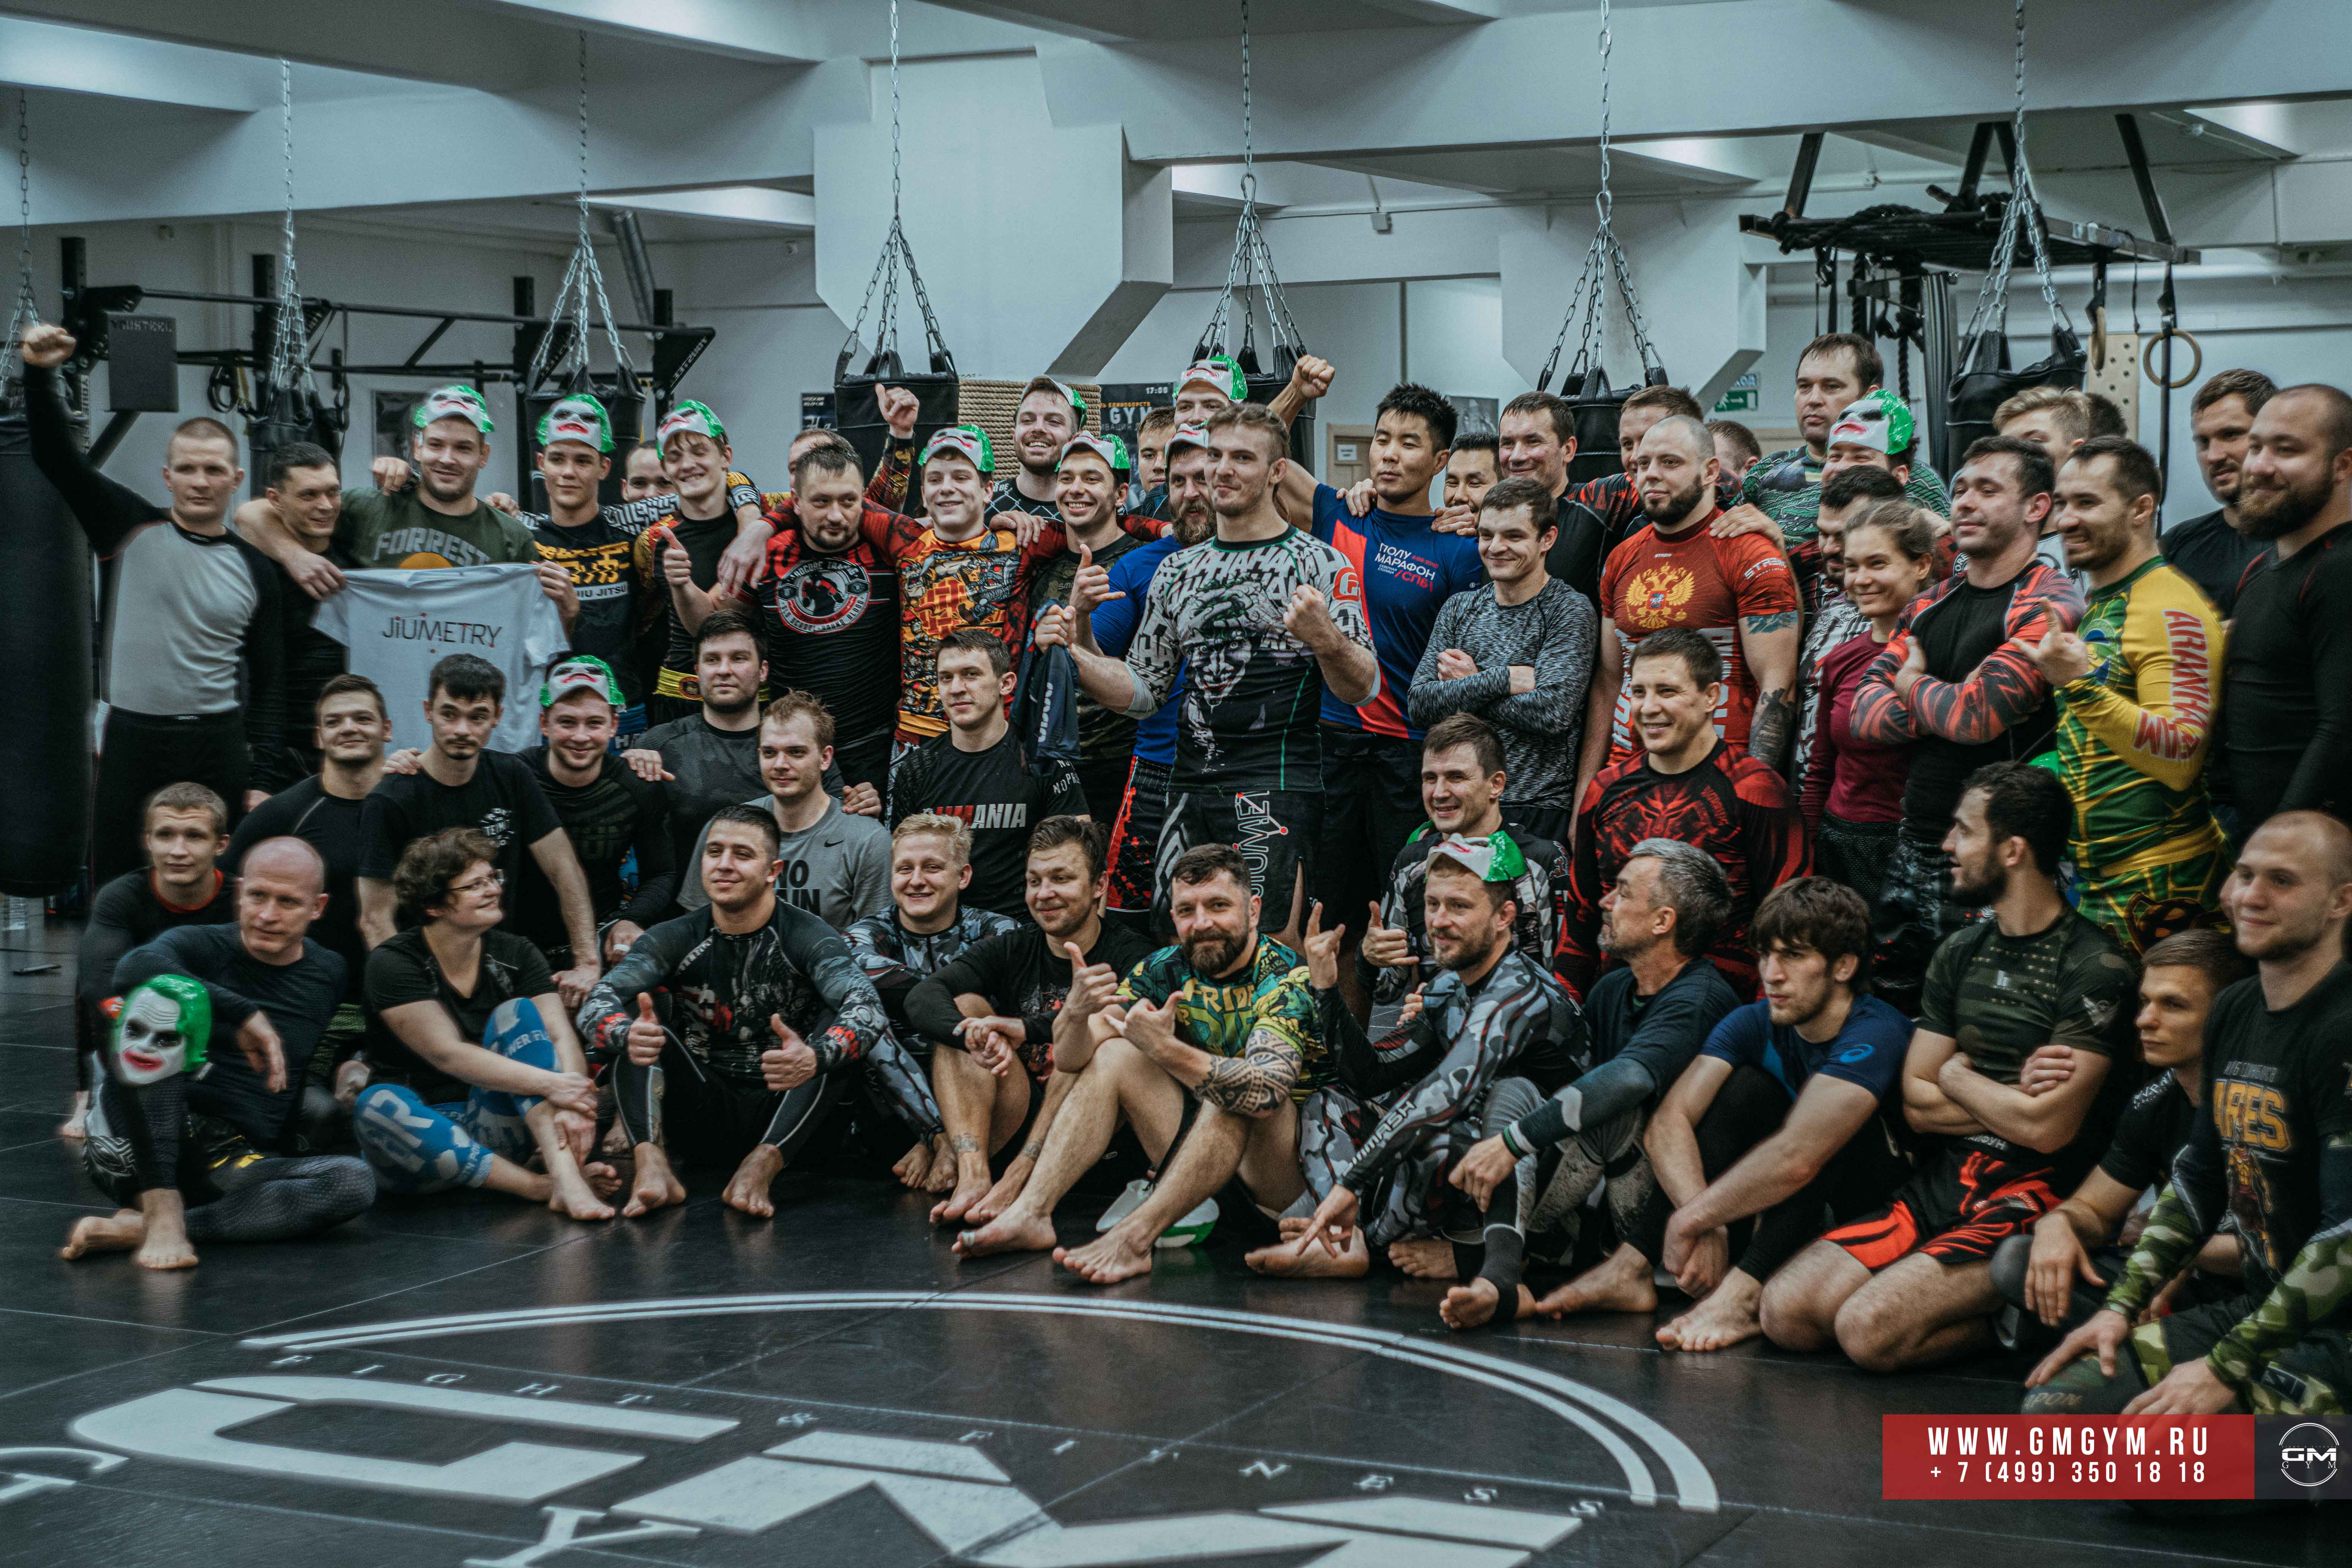 Ильяс Сулейманов тренер по БЖЖ и Грэпплингу 9